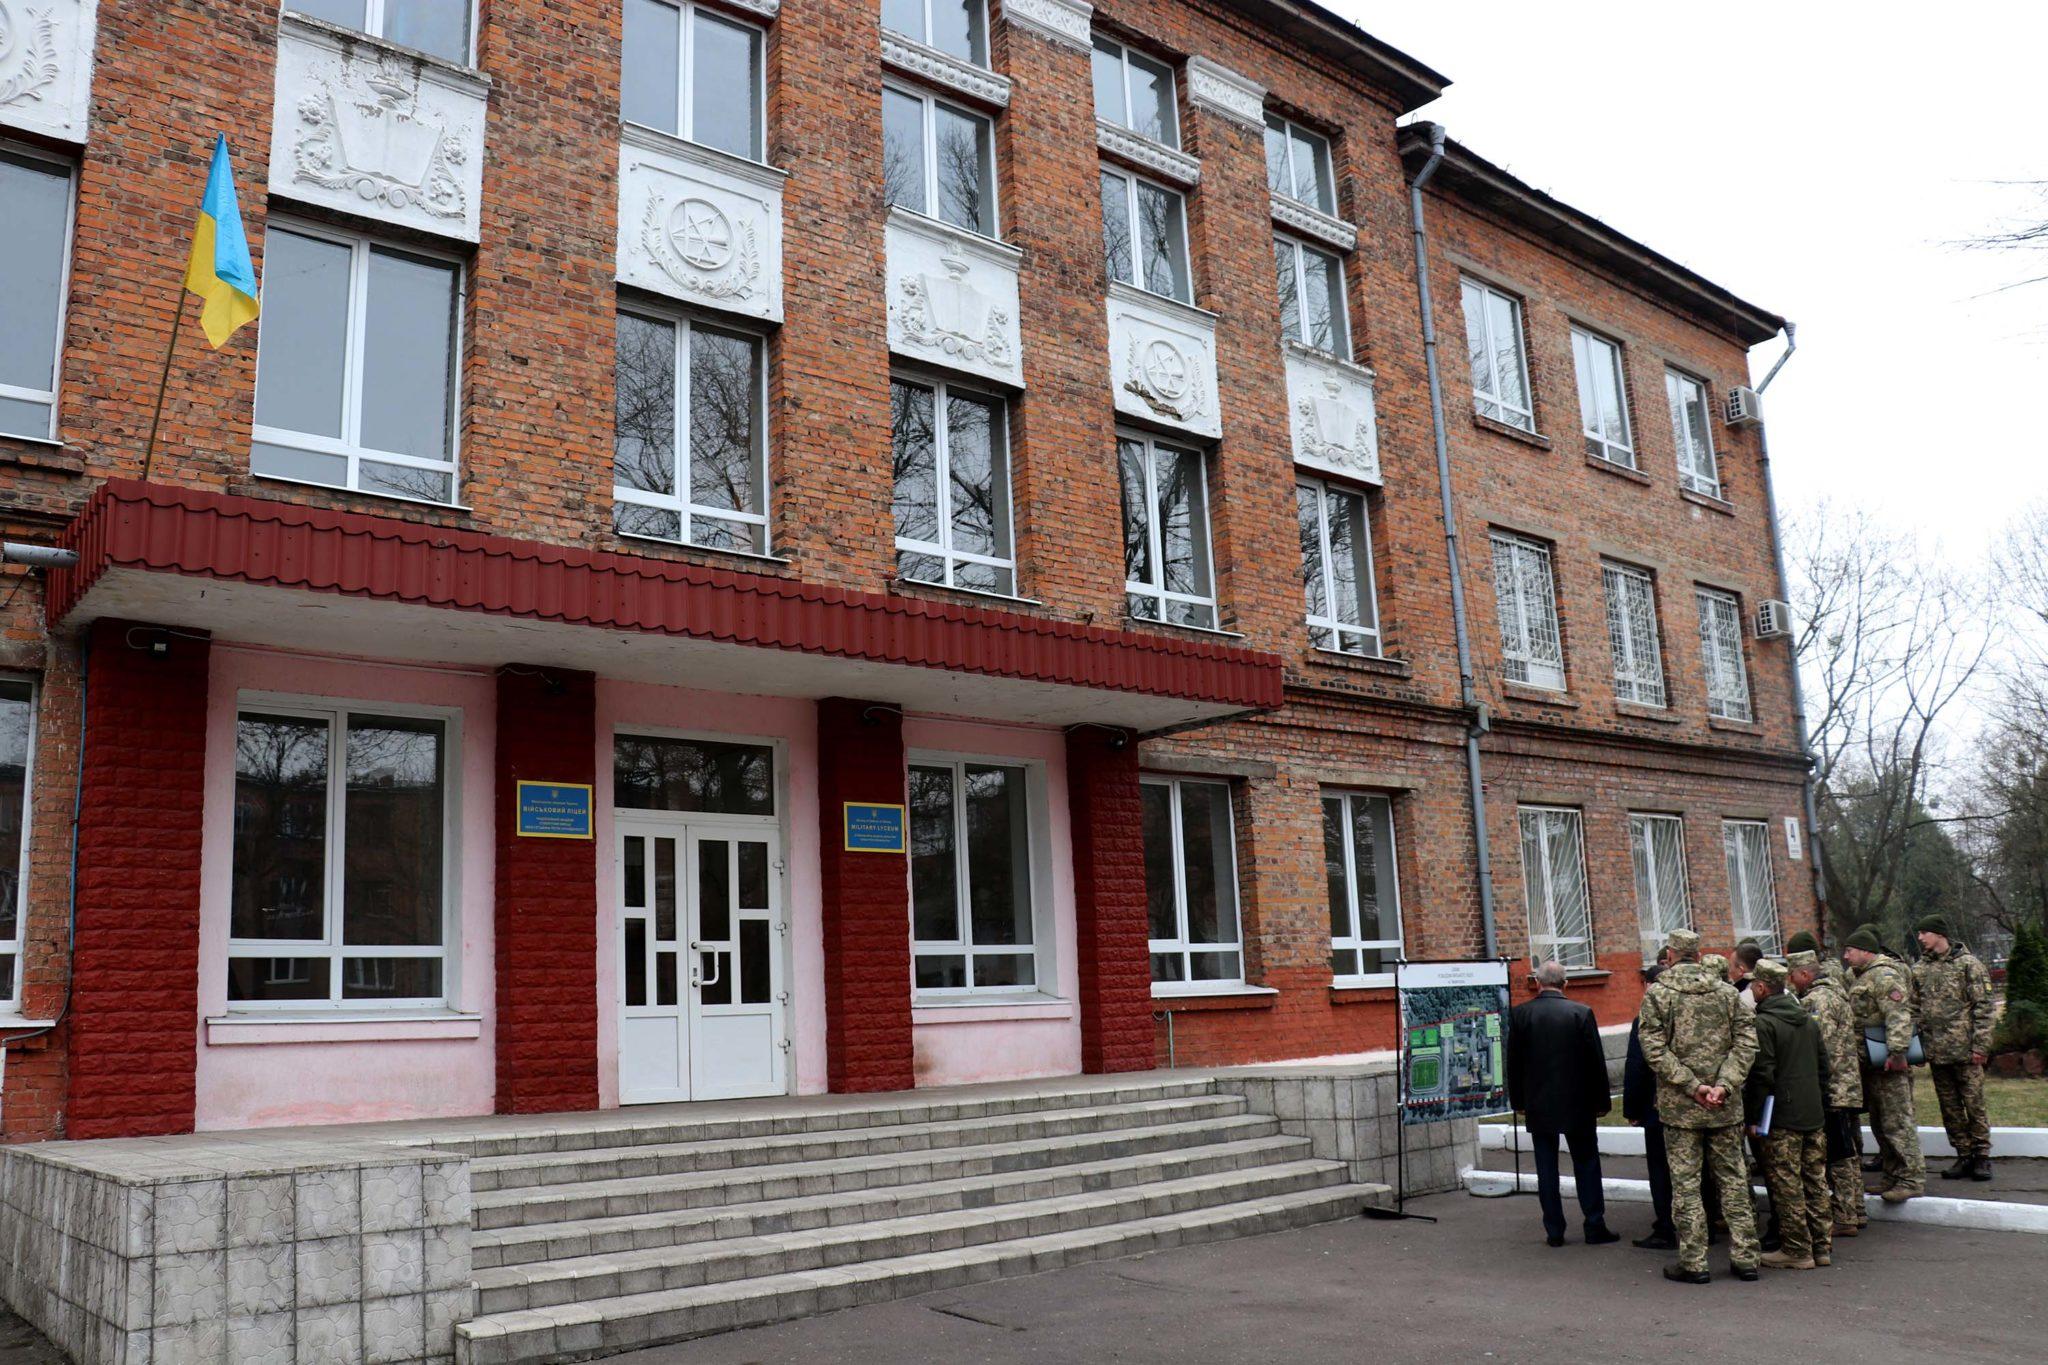 Депутати Львівської облради занепокоєні затримкою у створенні Військового ліцею у Червонограді – ухвалено звернення